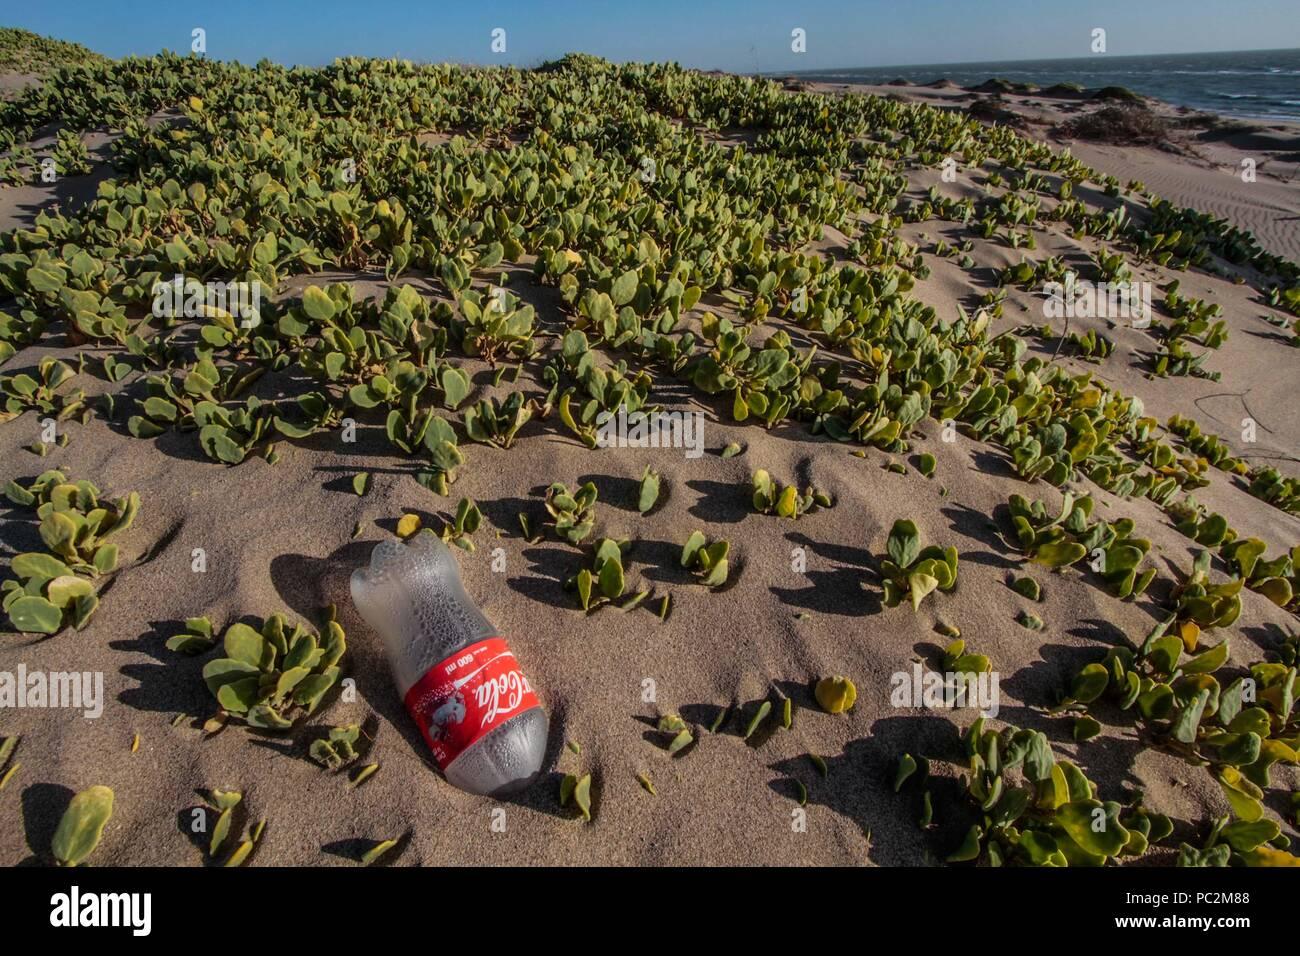 Empty plastic bottle of Coca Cola brand gas, cause of pollution and environmental impact. Sand dunes at Imalaya Beach in the vicinity of Kino Bay, Sonora Mexico. Gulf of California.   botella vacia de plastico de la marca gaseosa Coca Cola, causa de la contaminacion y afectacion al medio ambiente. Dunas de arena en la Playa Imalaya en los alrededores de bahia de Kino, Sonora Mexico. Golfo de California Stock Photo